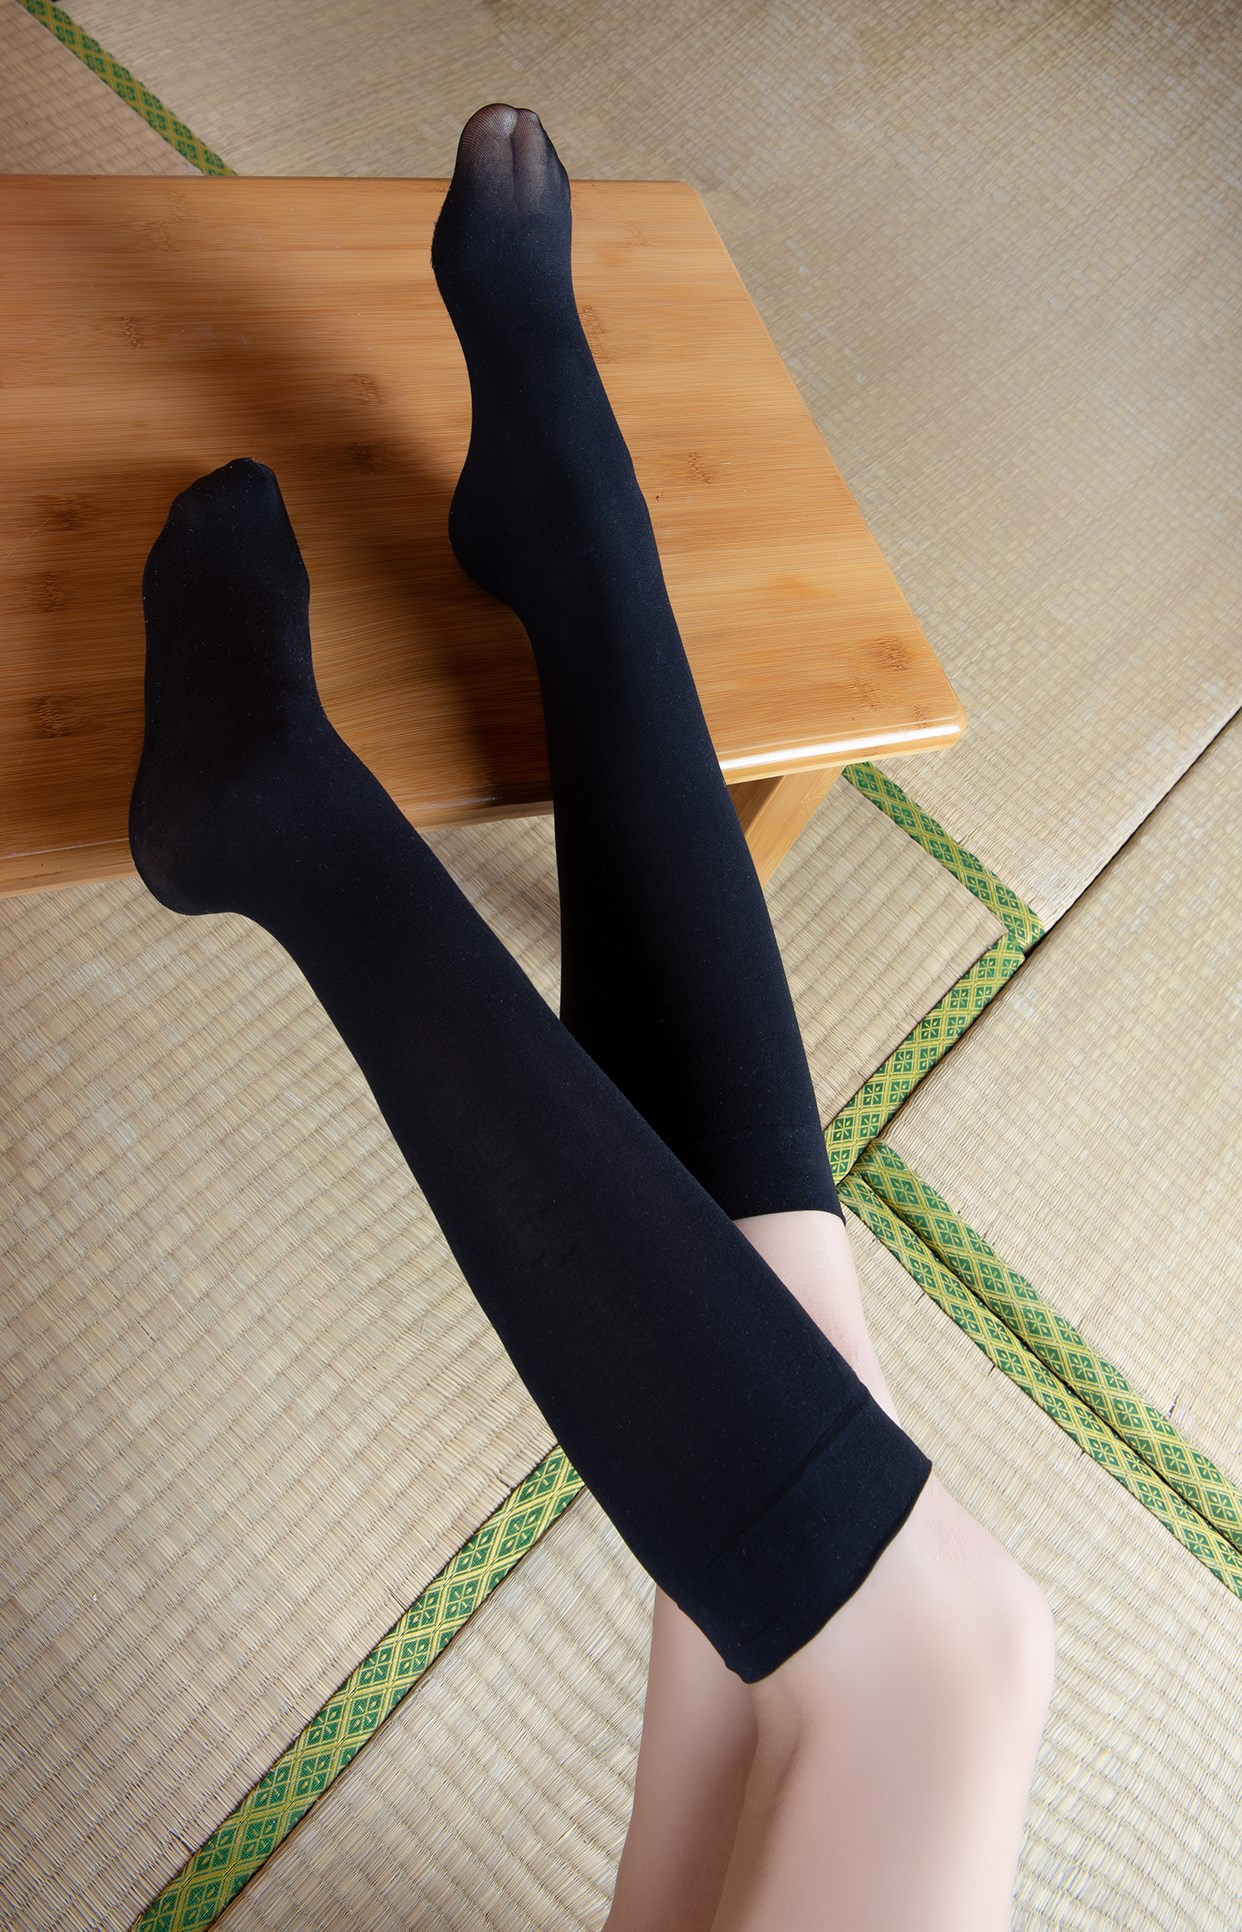 【兔玩映画】玉藻前的半筒袜 兔玩映画 第31张